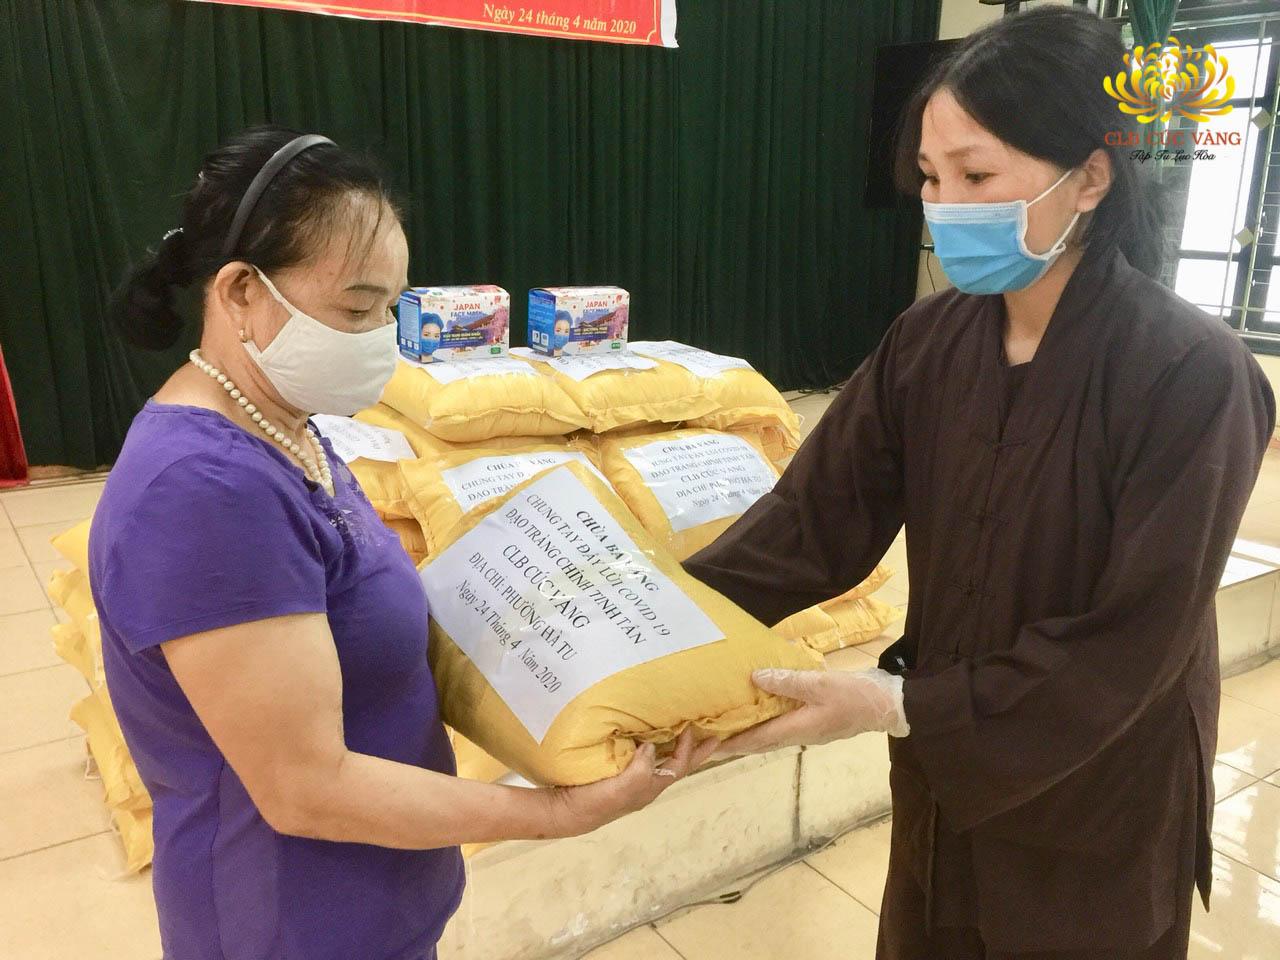 Phật tử đạo tràng Chính Tinh Tấn trao tặng gạo cho người dân có hoàn cảnh khó khăn